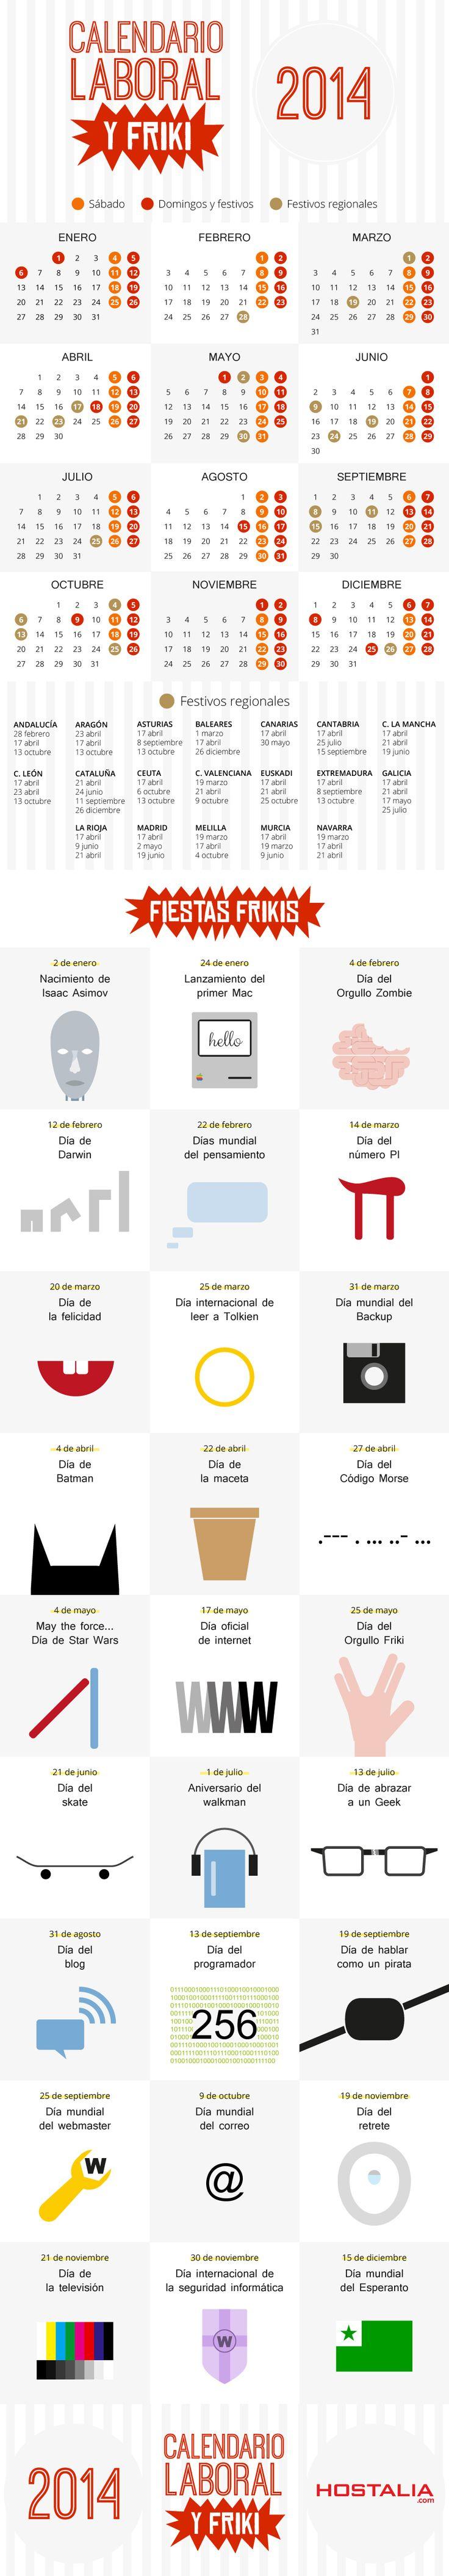 Calendario laboral y friki para 2014 vía hostalia.com #infografia #infographic